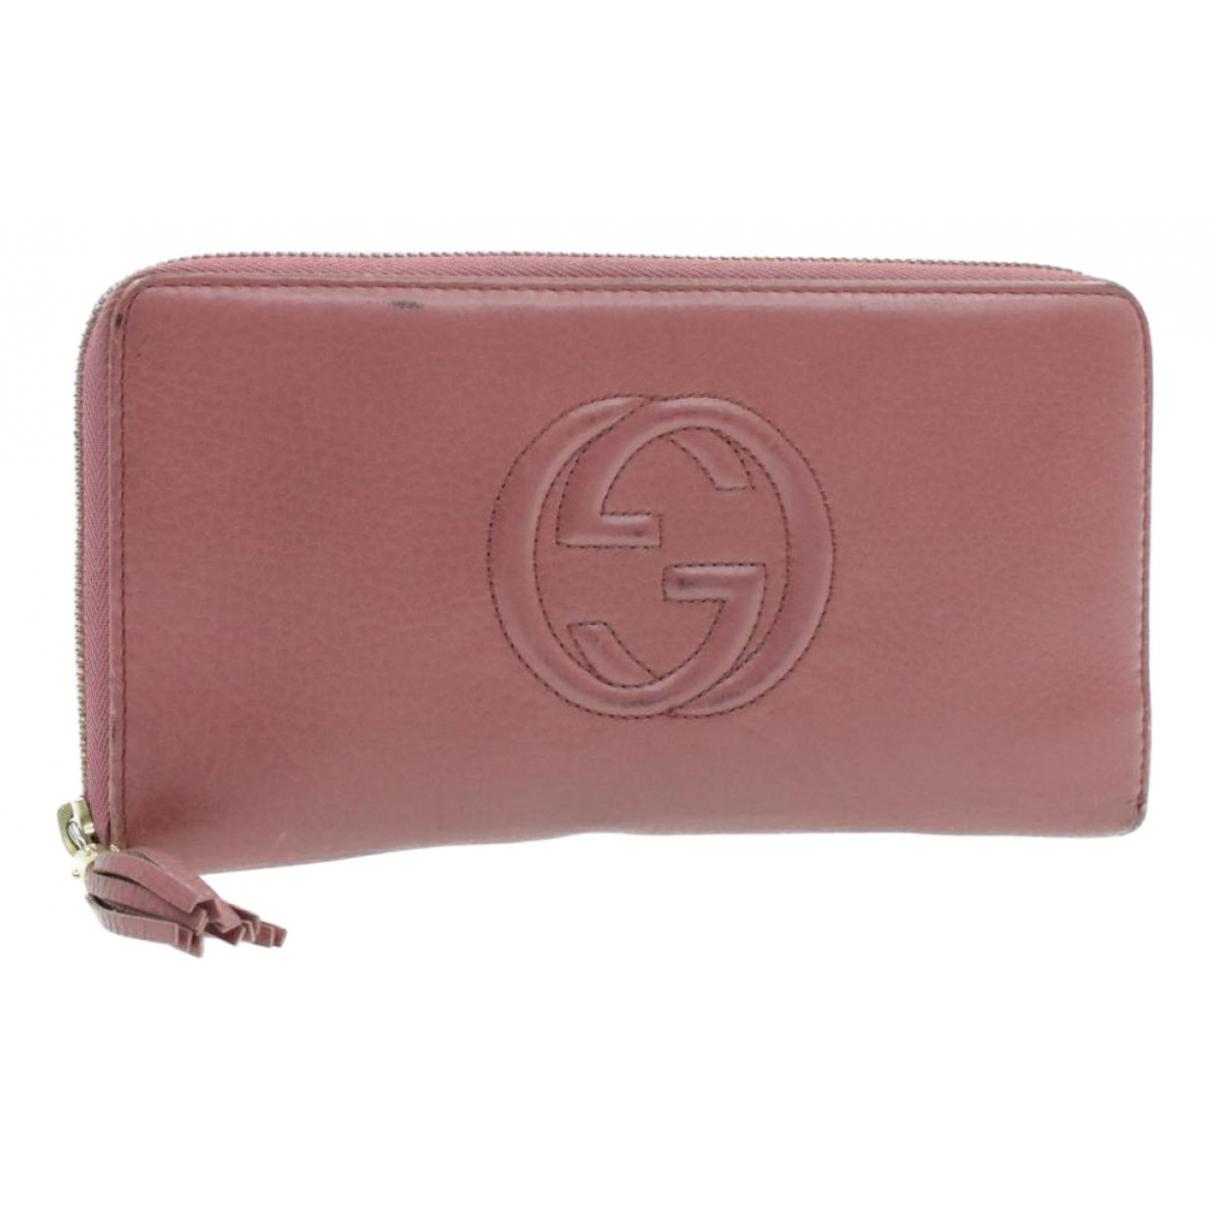 Gucci - Foulard   pour femme en autre - rose